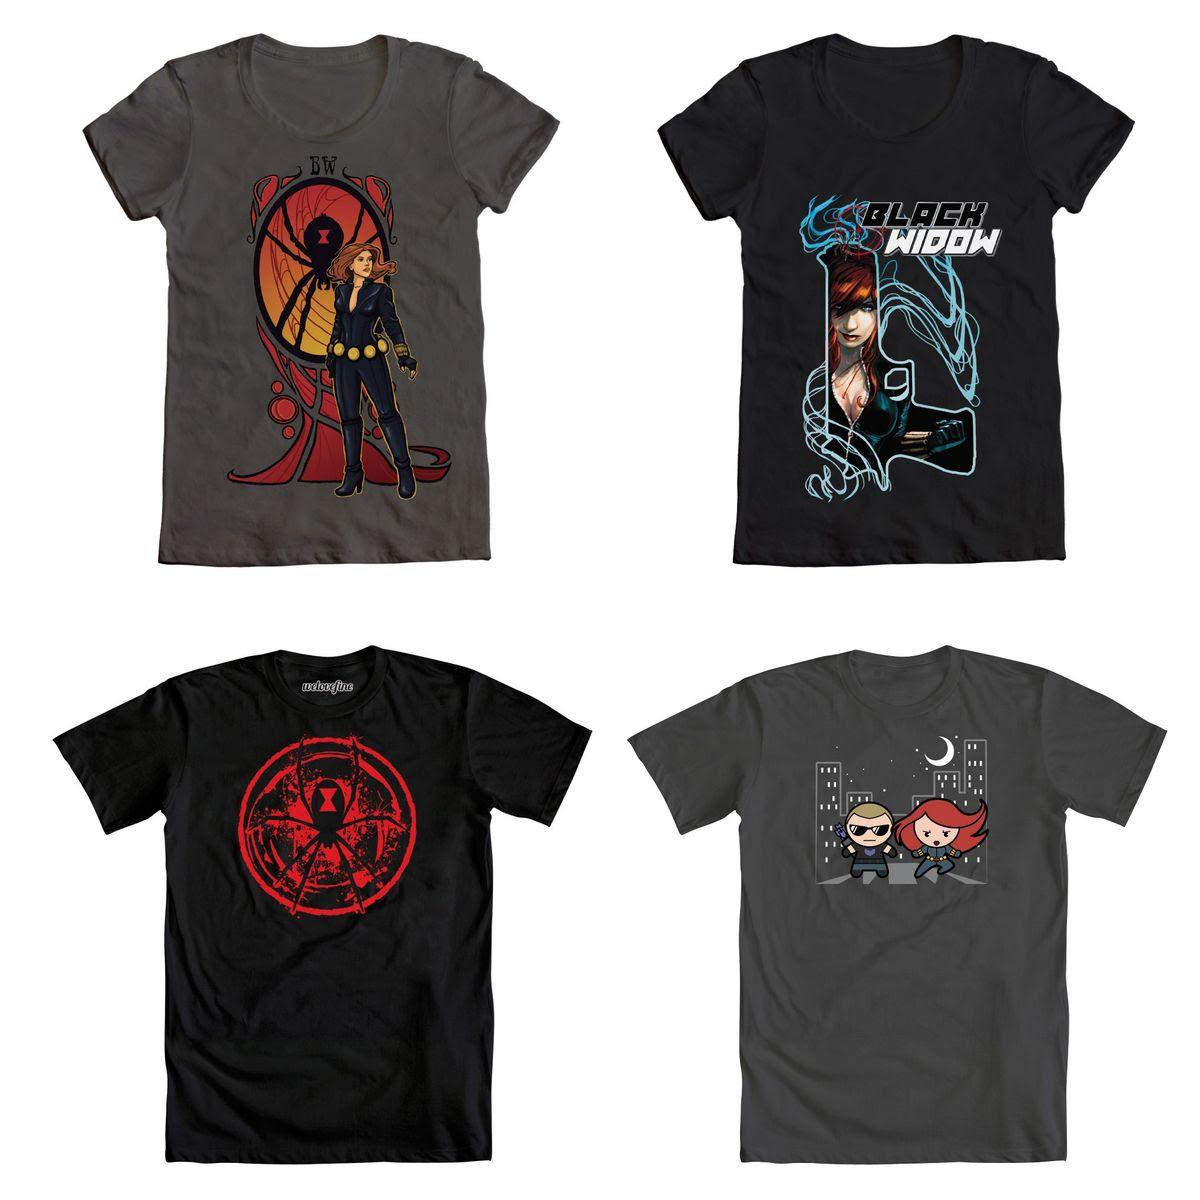 wlf bw shirts